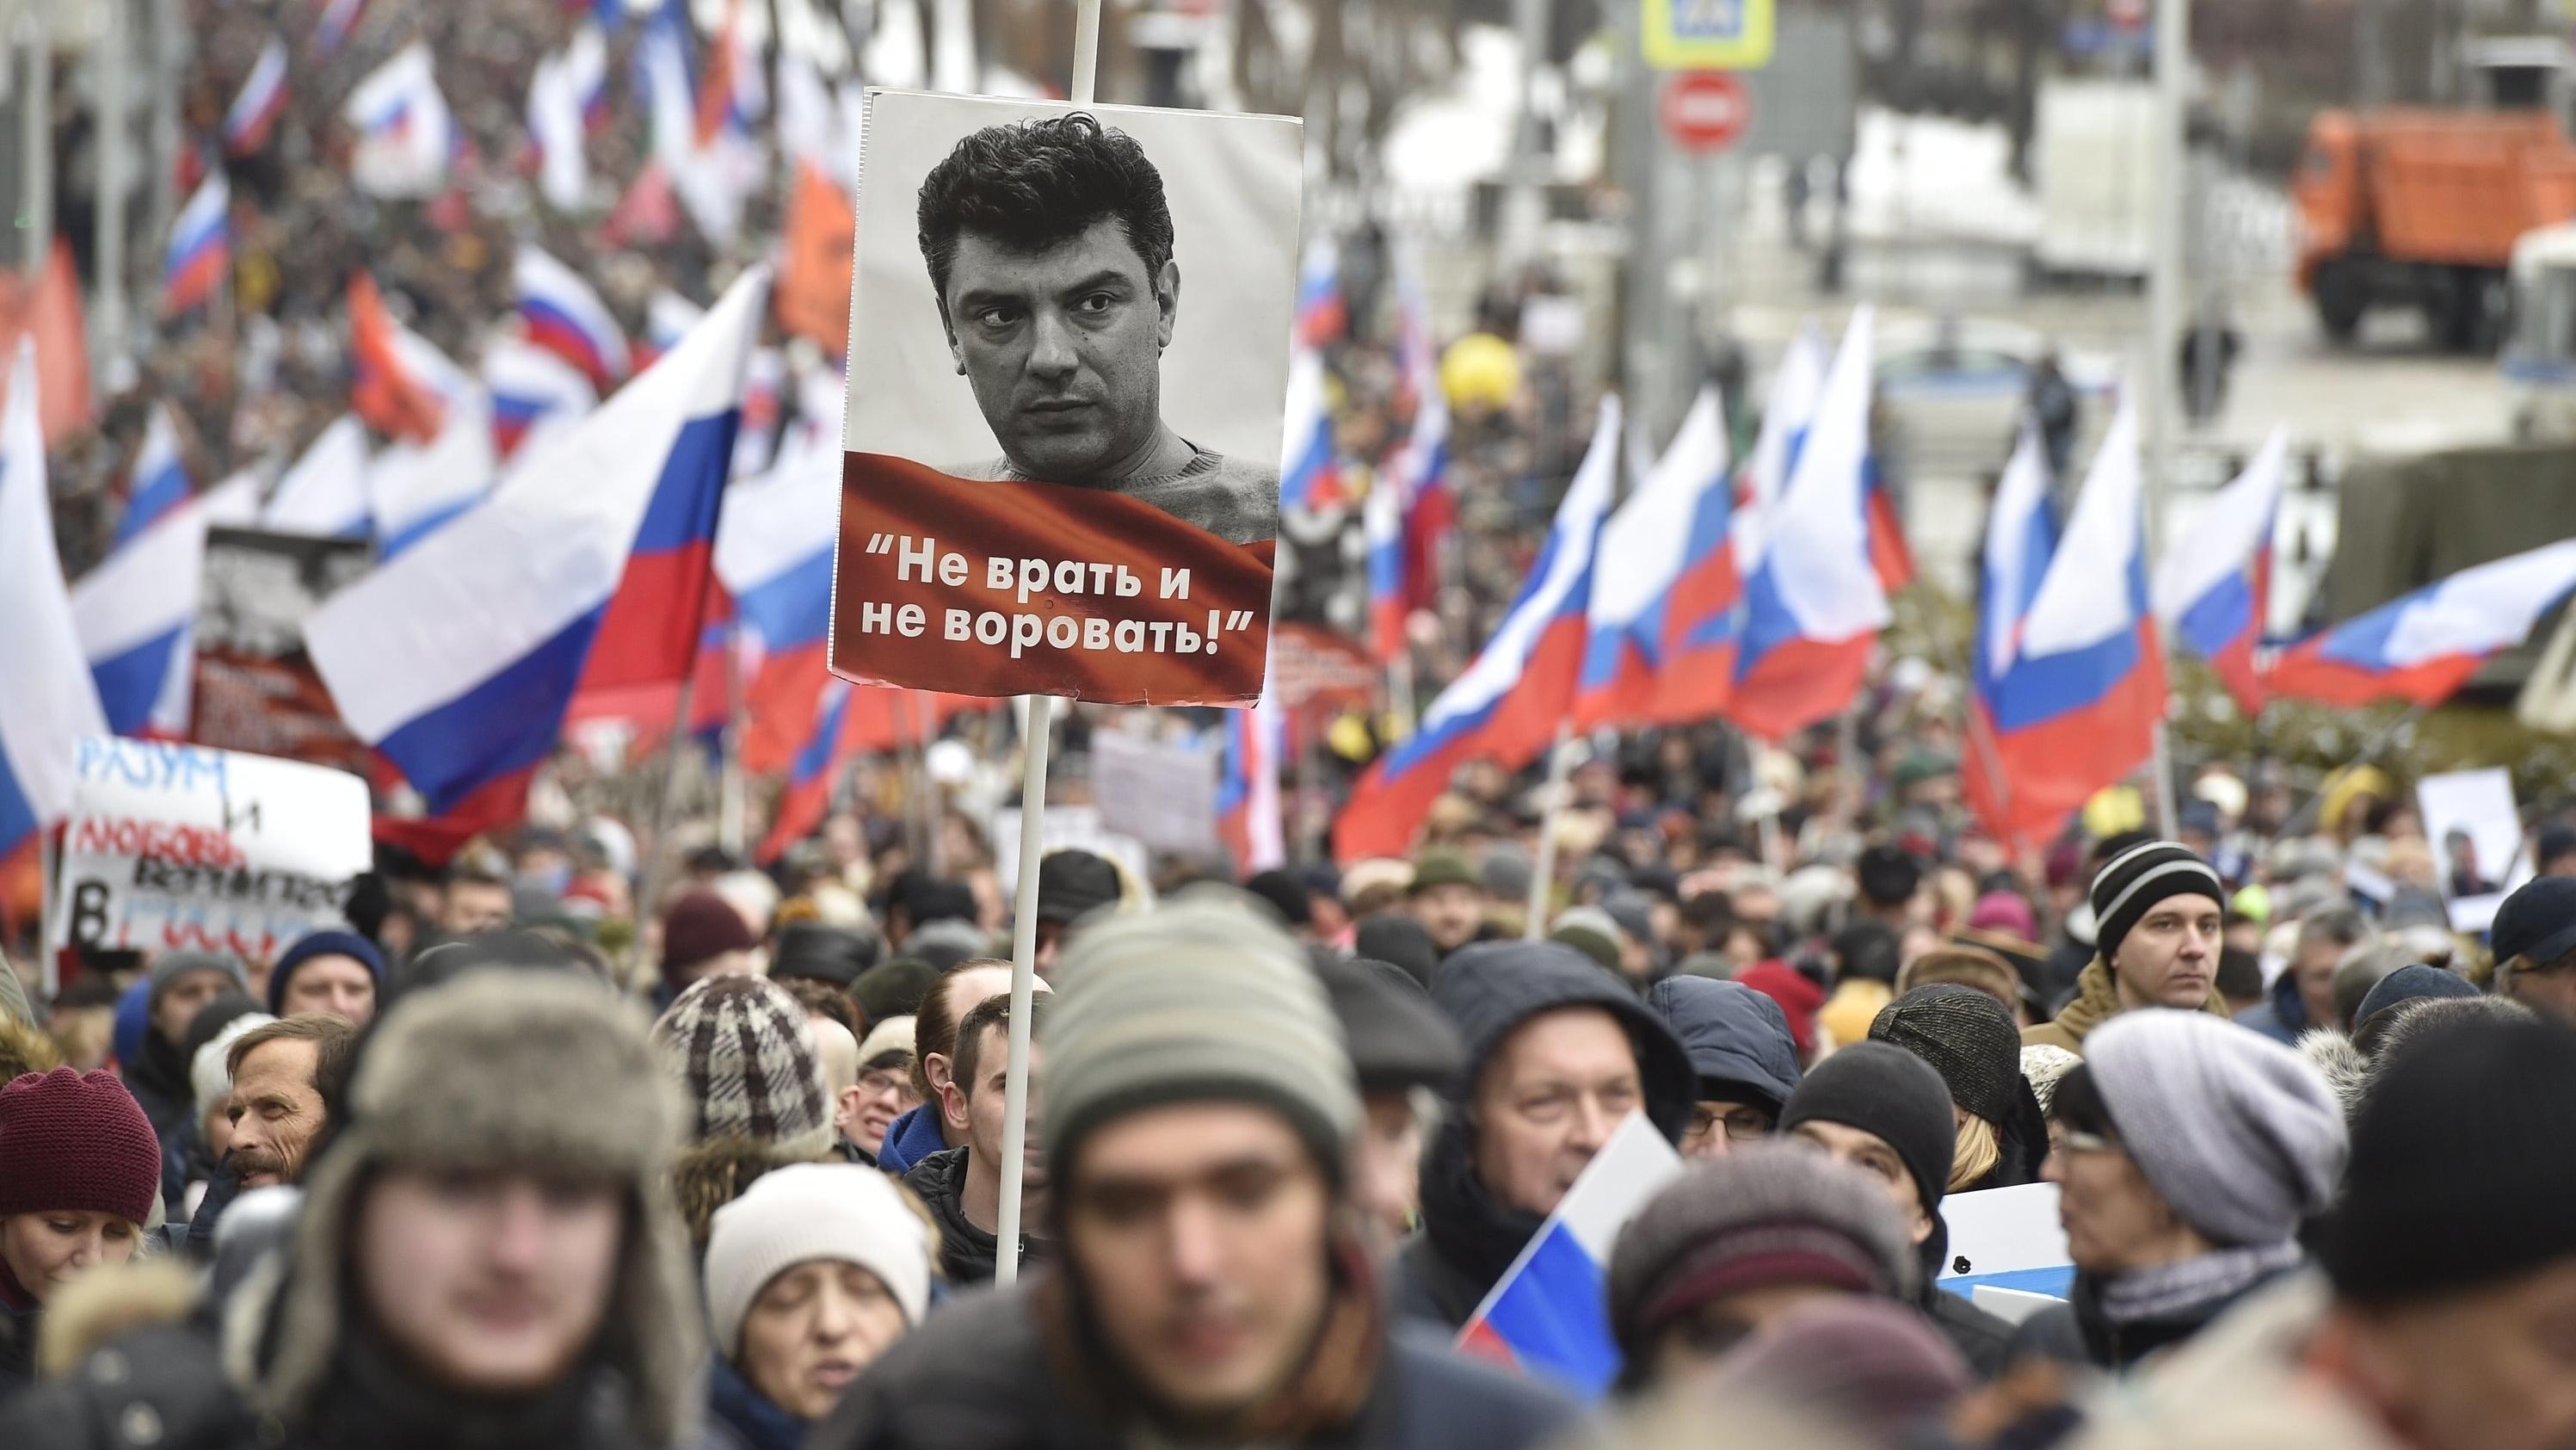 Tausende gehen zum Gedenkmarsch für den vor vier Jahren ermordeten Oppositionellen Boris Nemzow auf die Straße